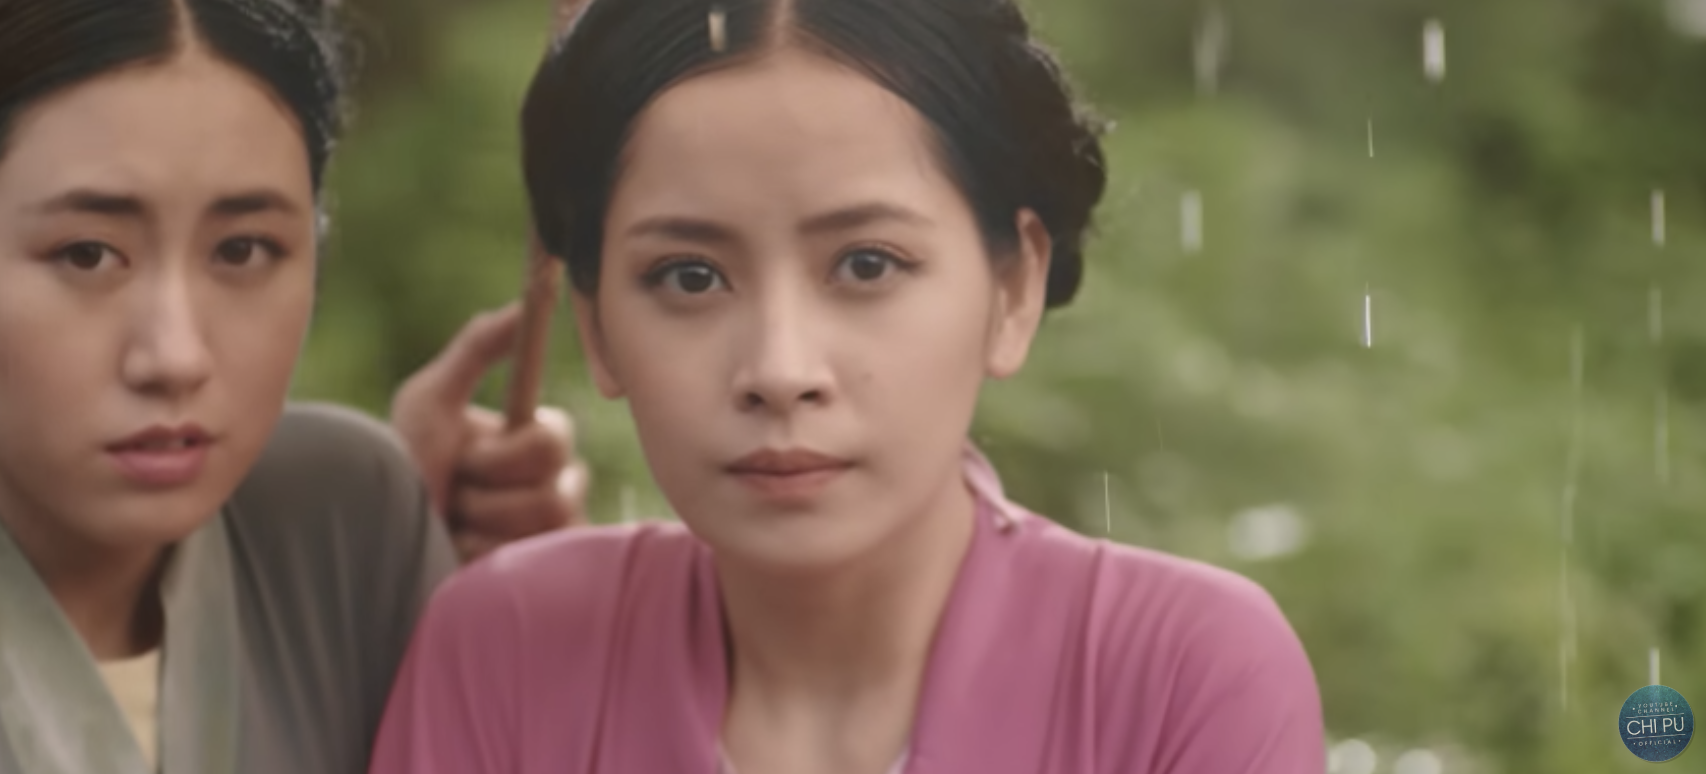 Cú lừa cực mạnh từ MV Tấm Cám của Chi Pu: Cận vệ là tiểu tam giật dây hoàng thượng? - Ảnh 2.